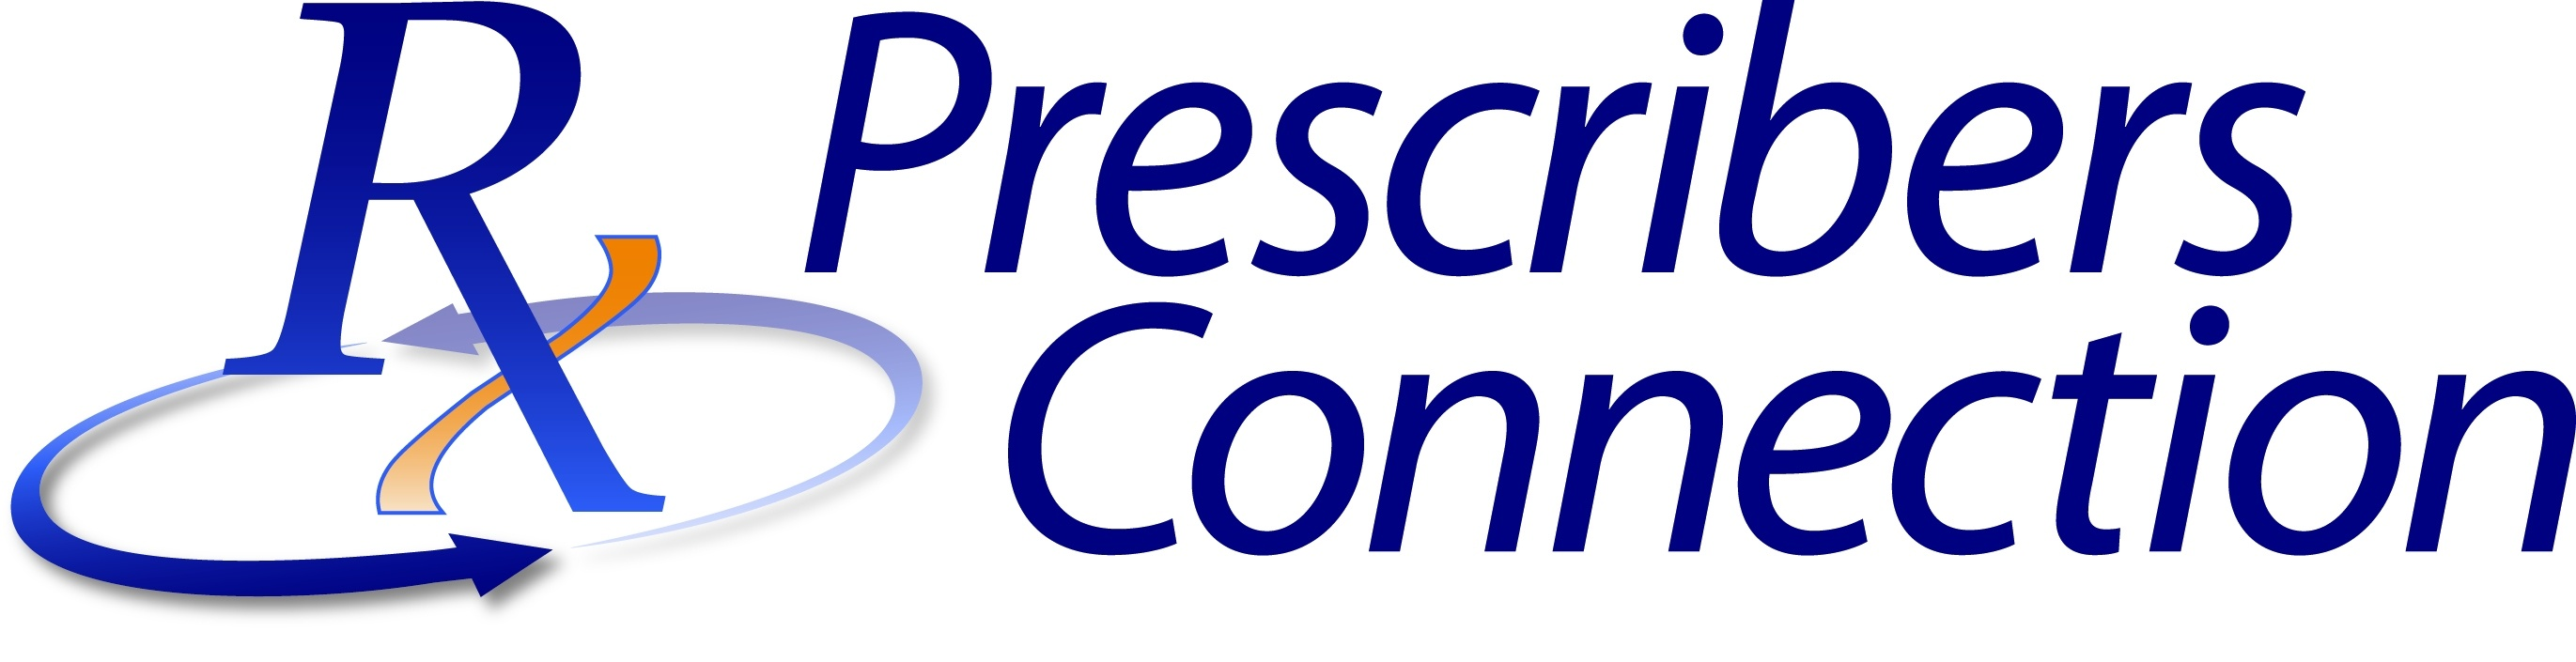 PrescribersConnection